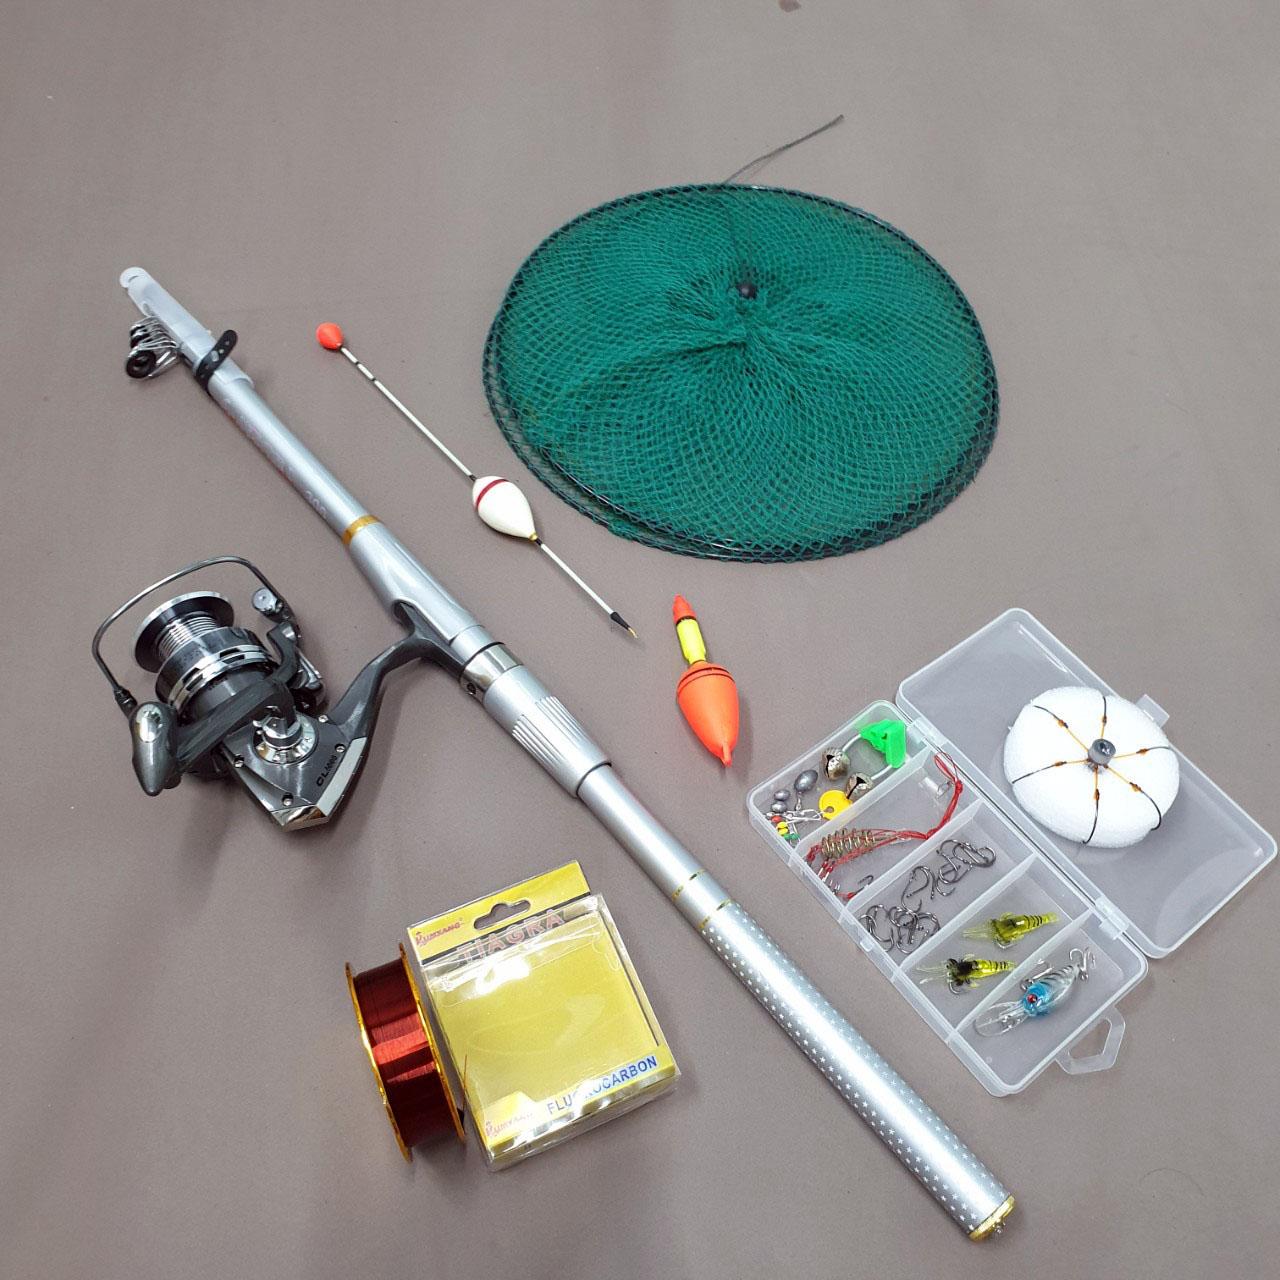 Bộ cần câu máy Percast màu bạc + máy câu cá CL kim loại + dây câu + bộ phao lưỡi và set phụ kiện + giỏ đựng cá